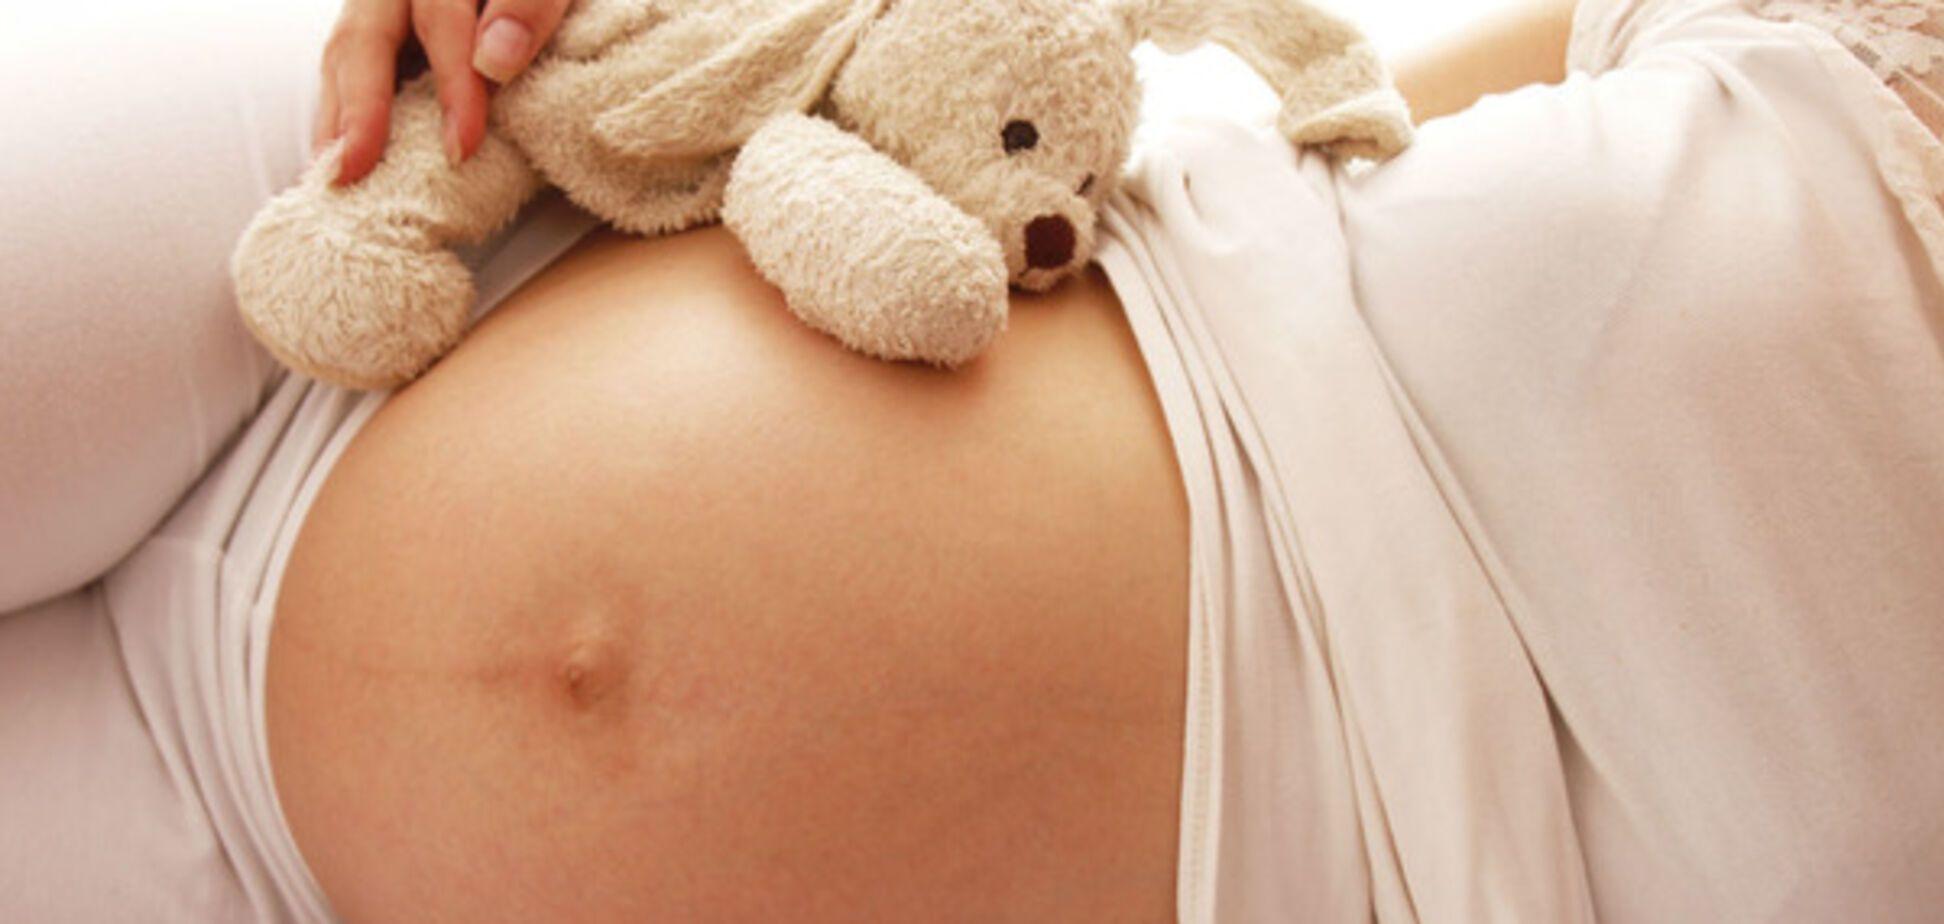 Рожайте детей: ученые выяснили, как бездетность влияет на женское здоровье